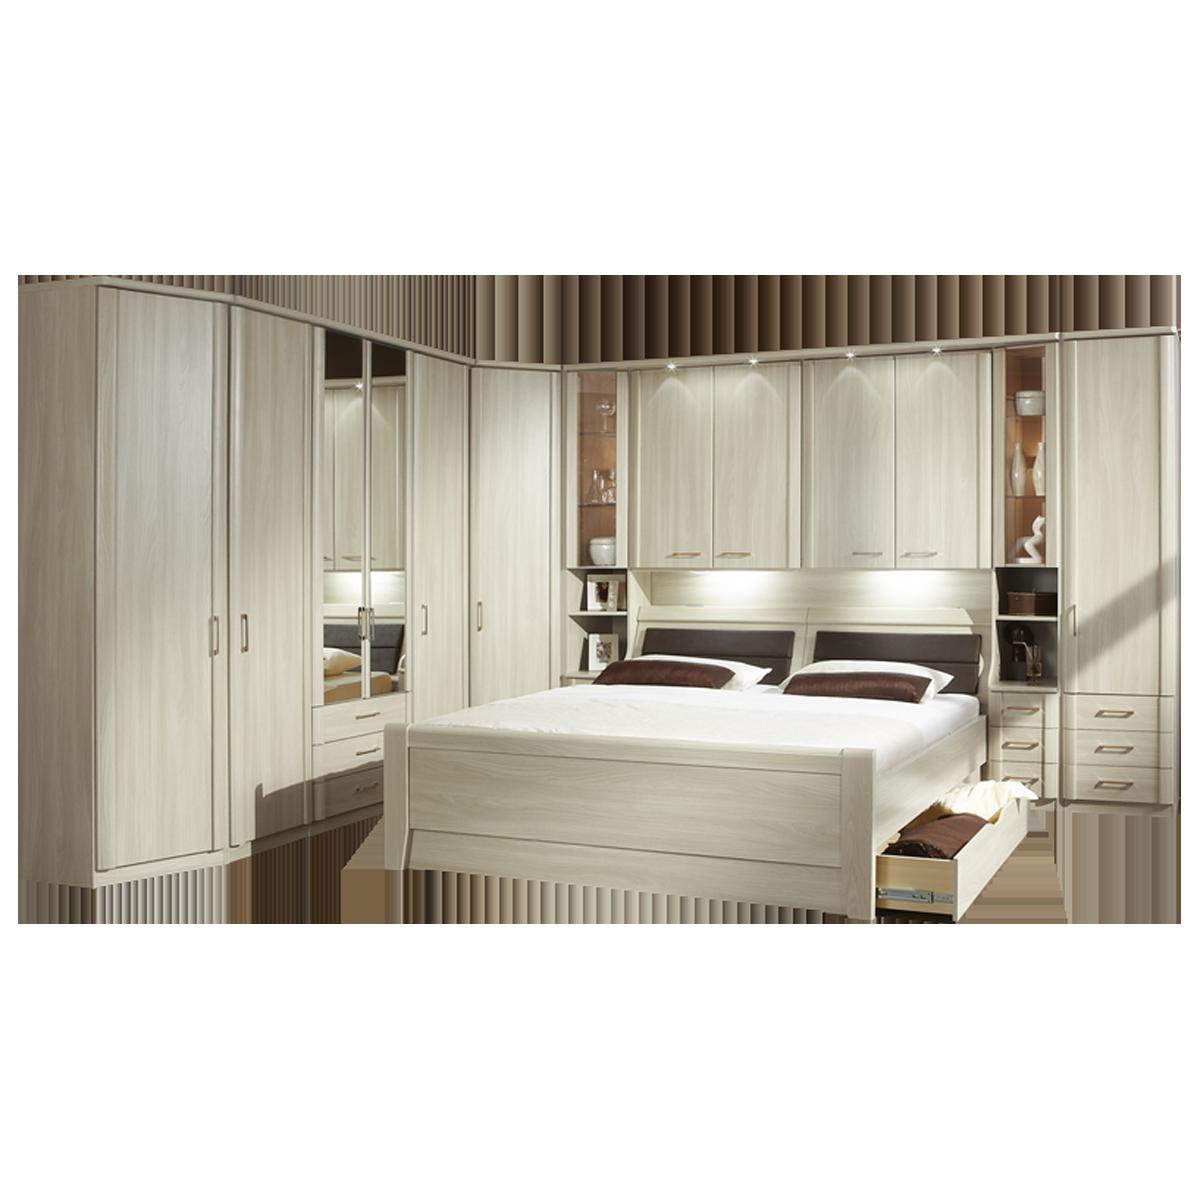 Wiemann Luxor 3+4 Schlafzimmer Doppelbett mit Bettkasten Bettbrücke mit  Beleuchtung und Anbauschrank